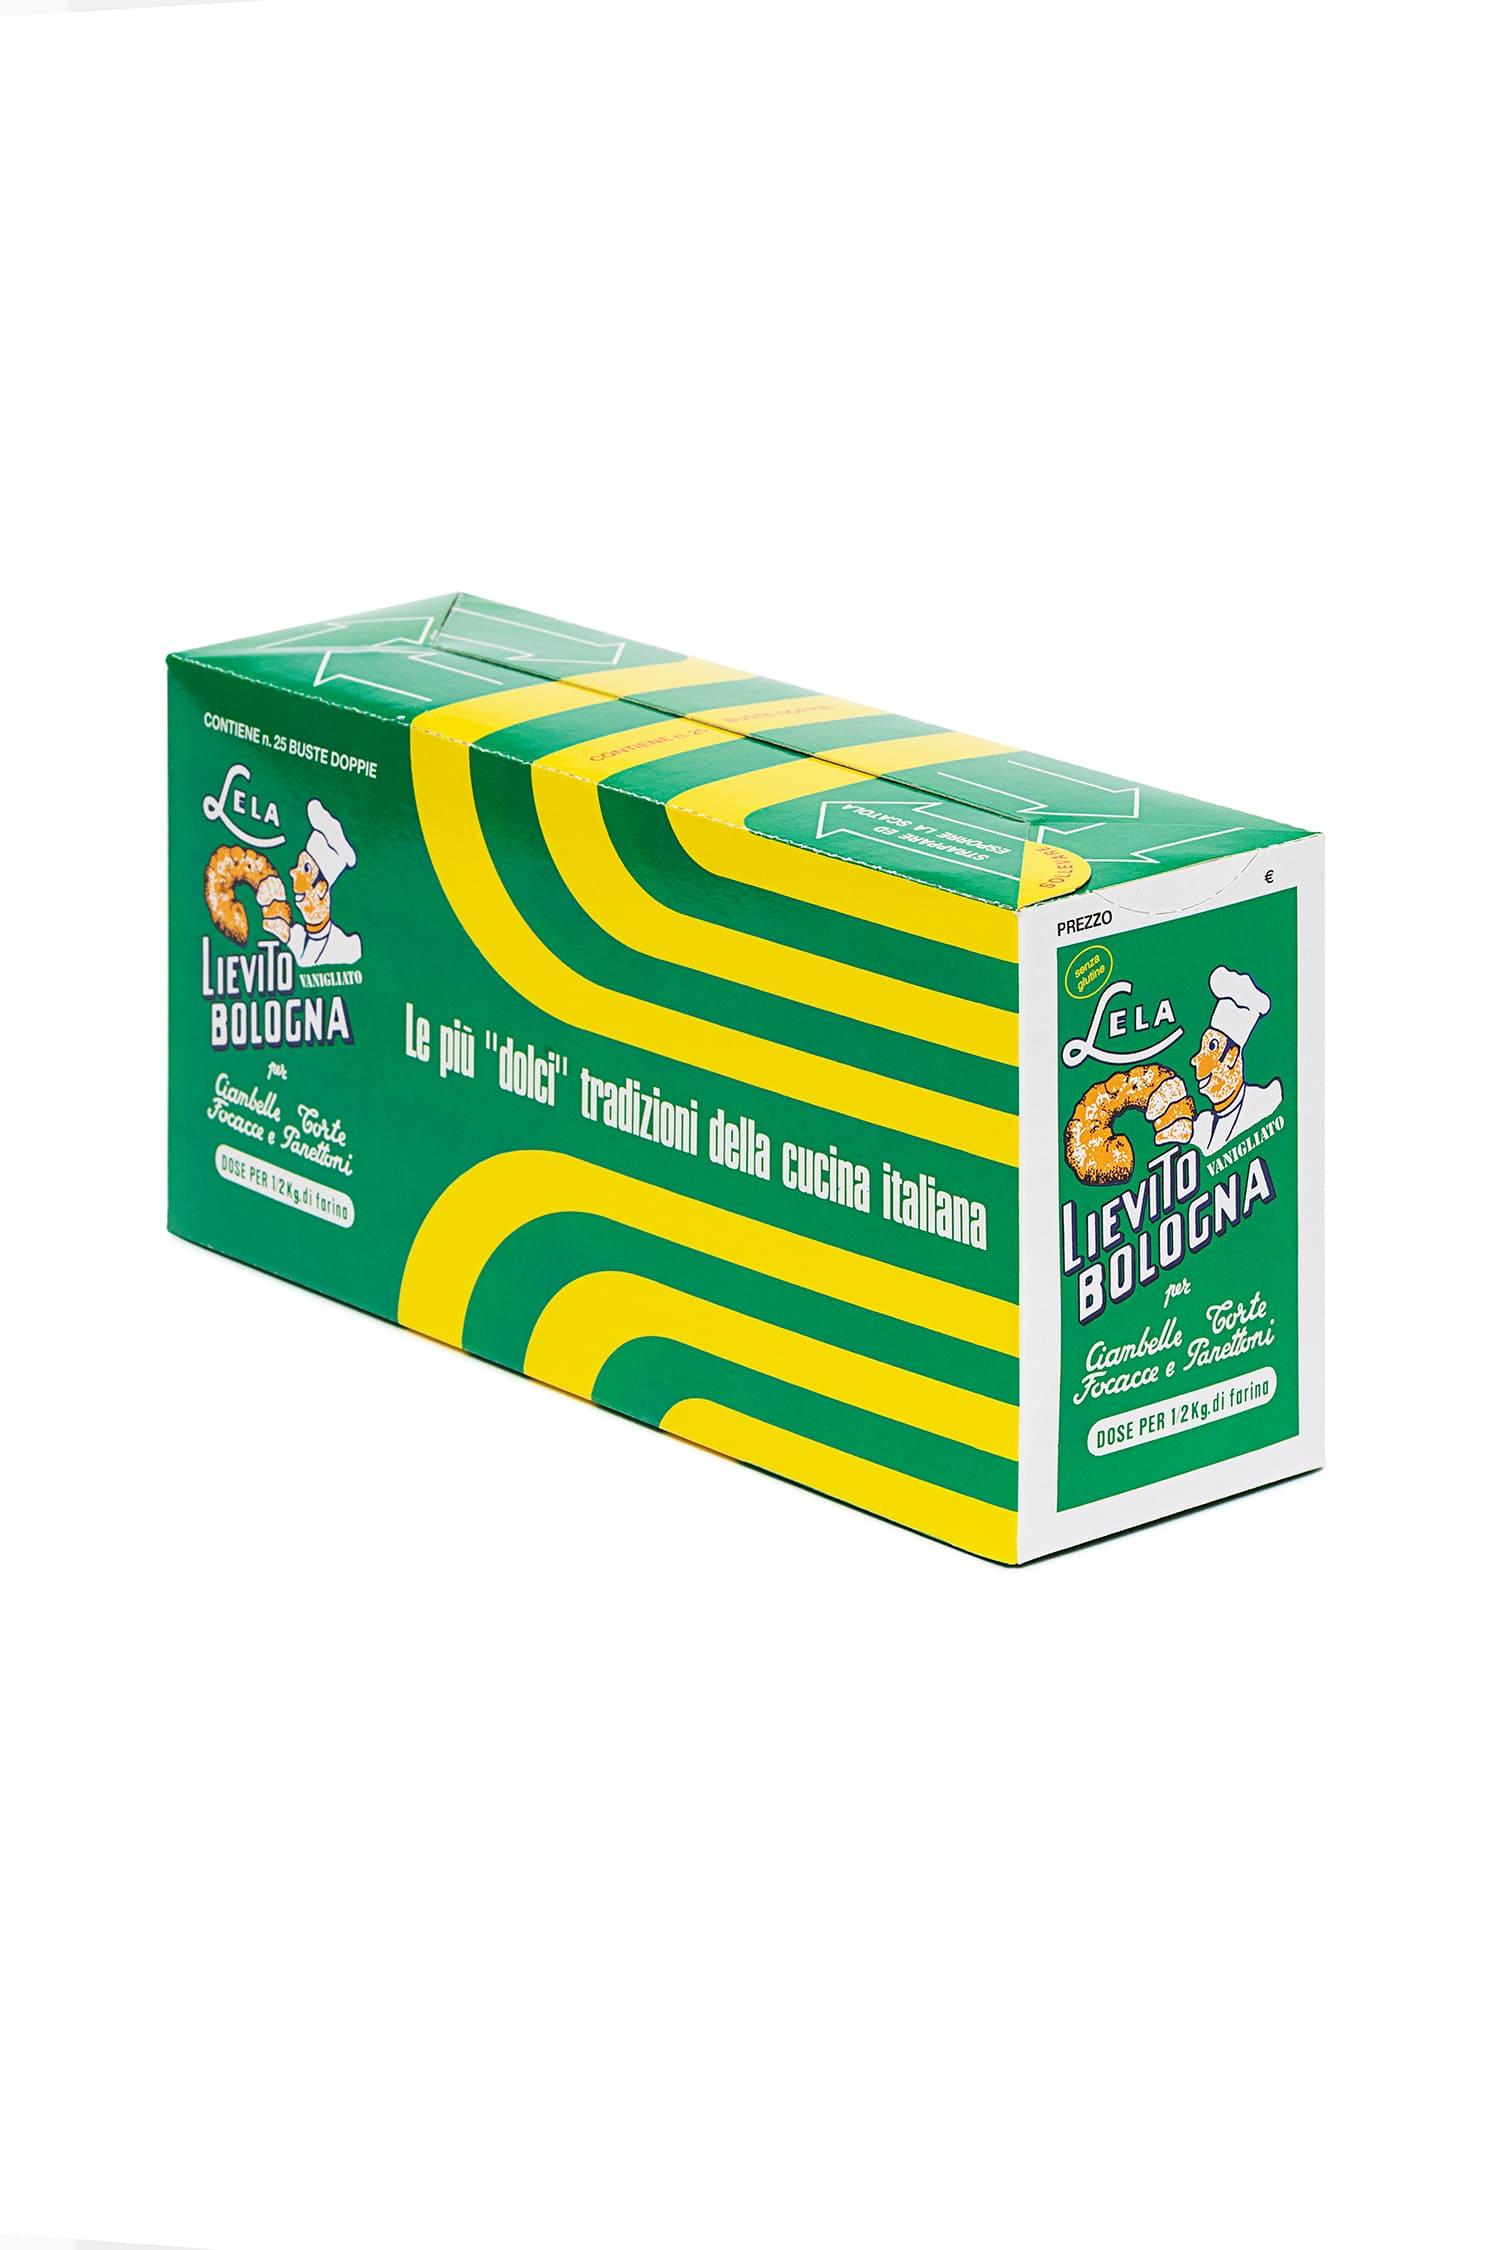 Packaging del prodotto Lievito vanigliato Lela